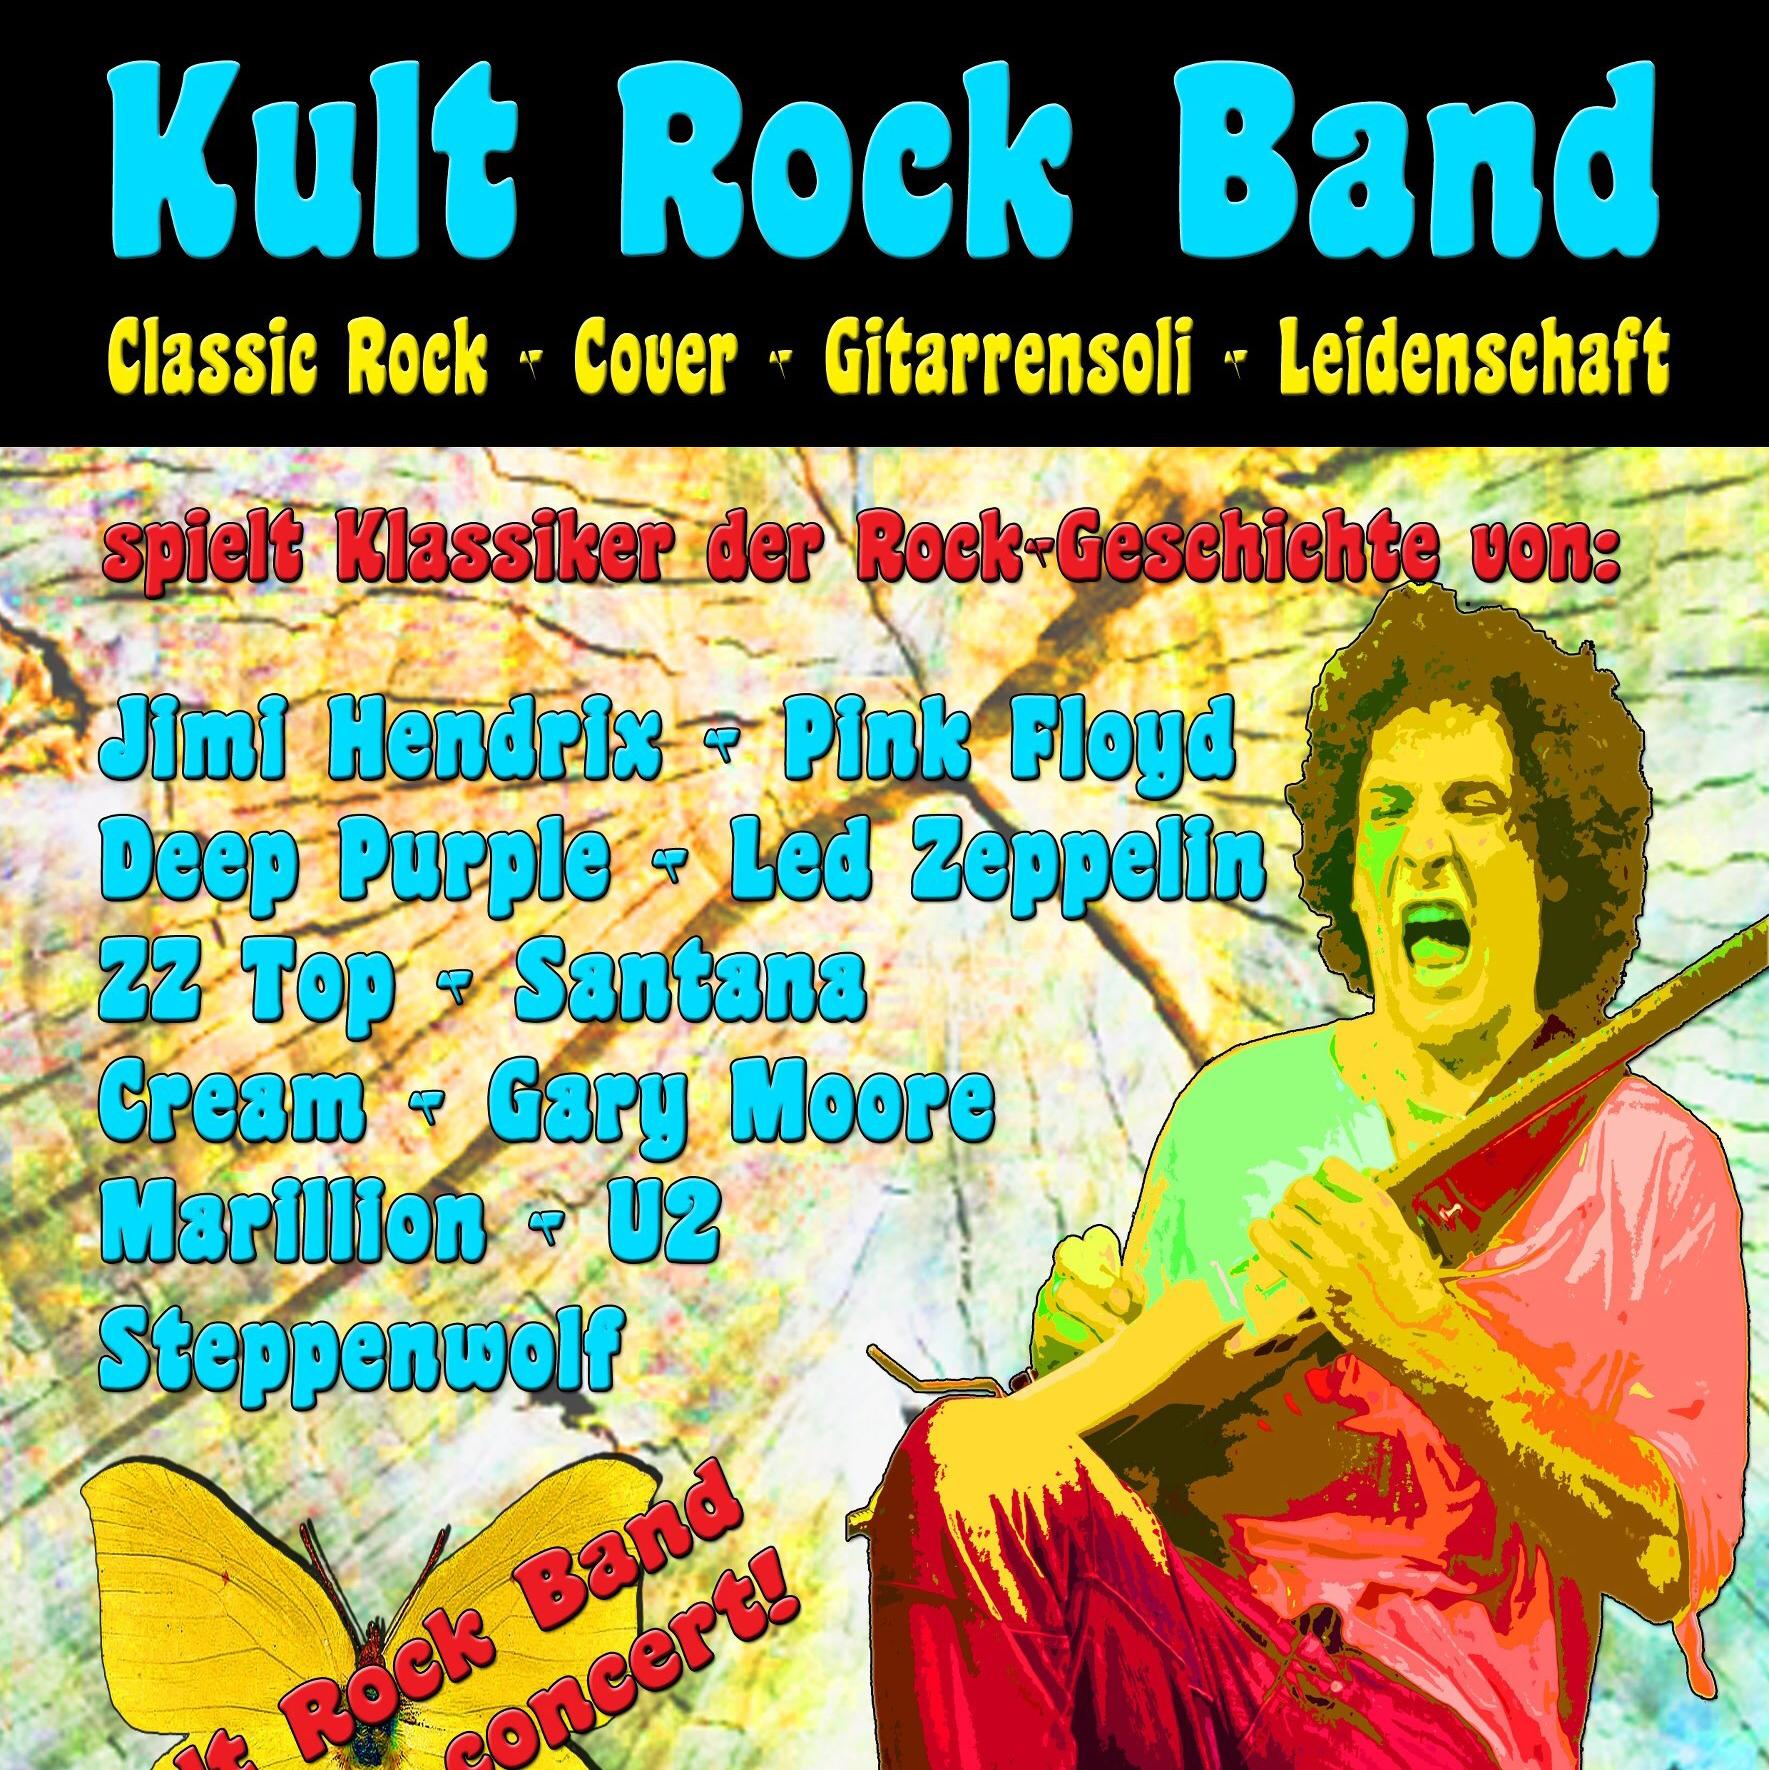 Kult Rock Band auf Facebook